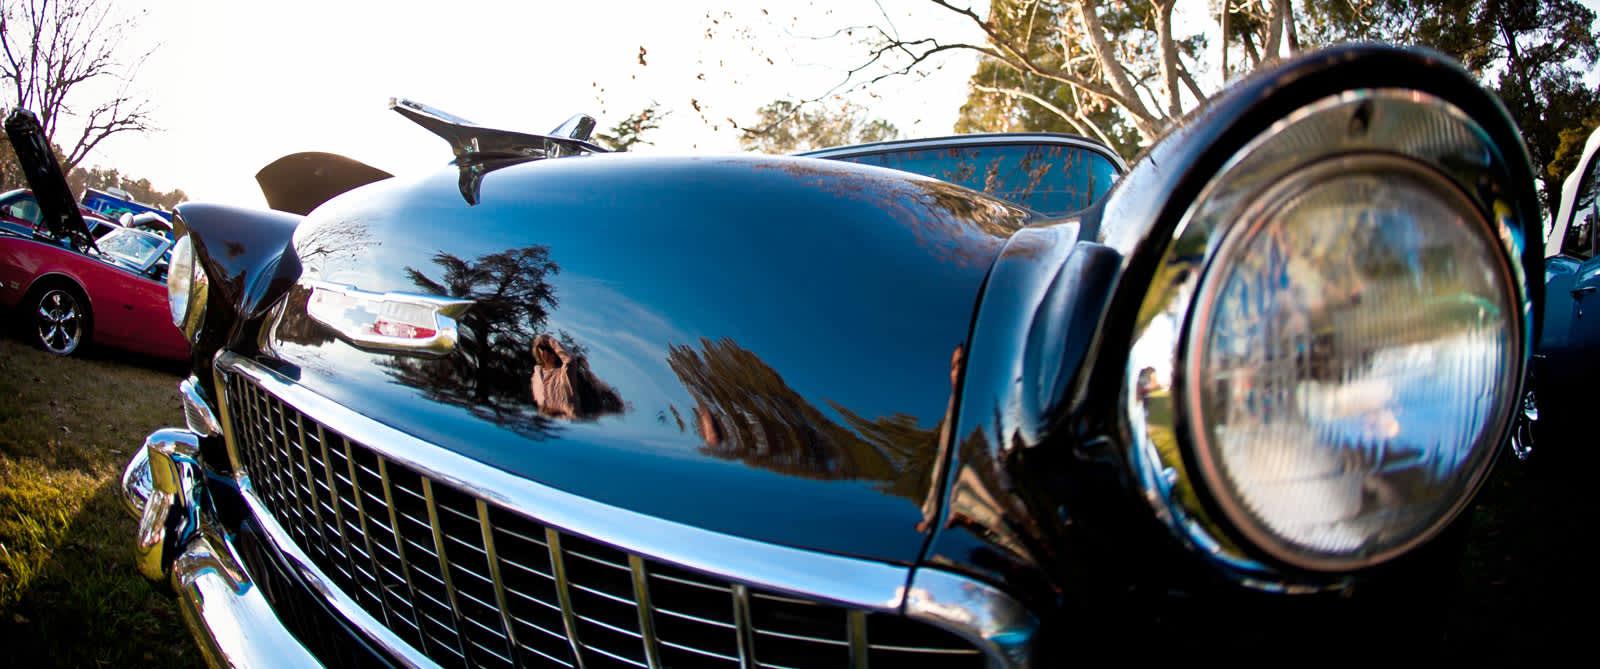 black-antique-car